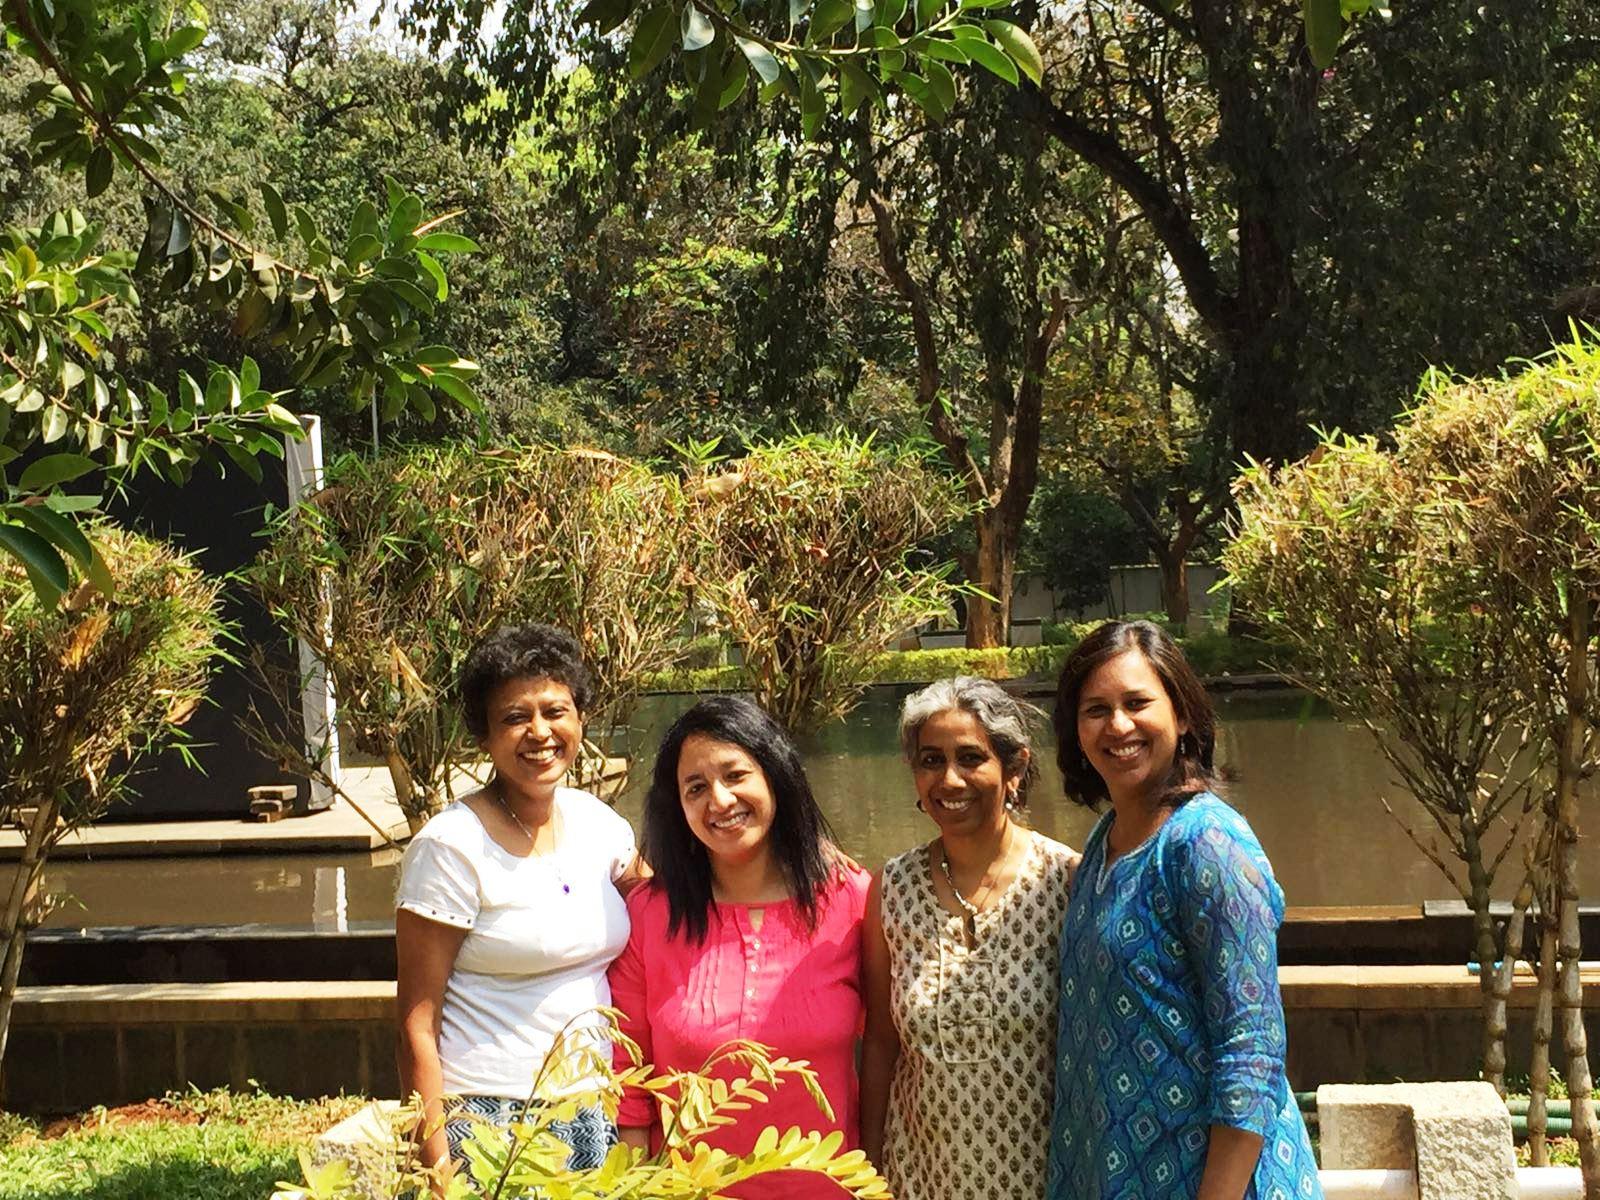 L to R: Swasthika, Faustina, Anita and Shabari make up Team Anekataa.